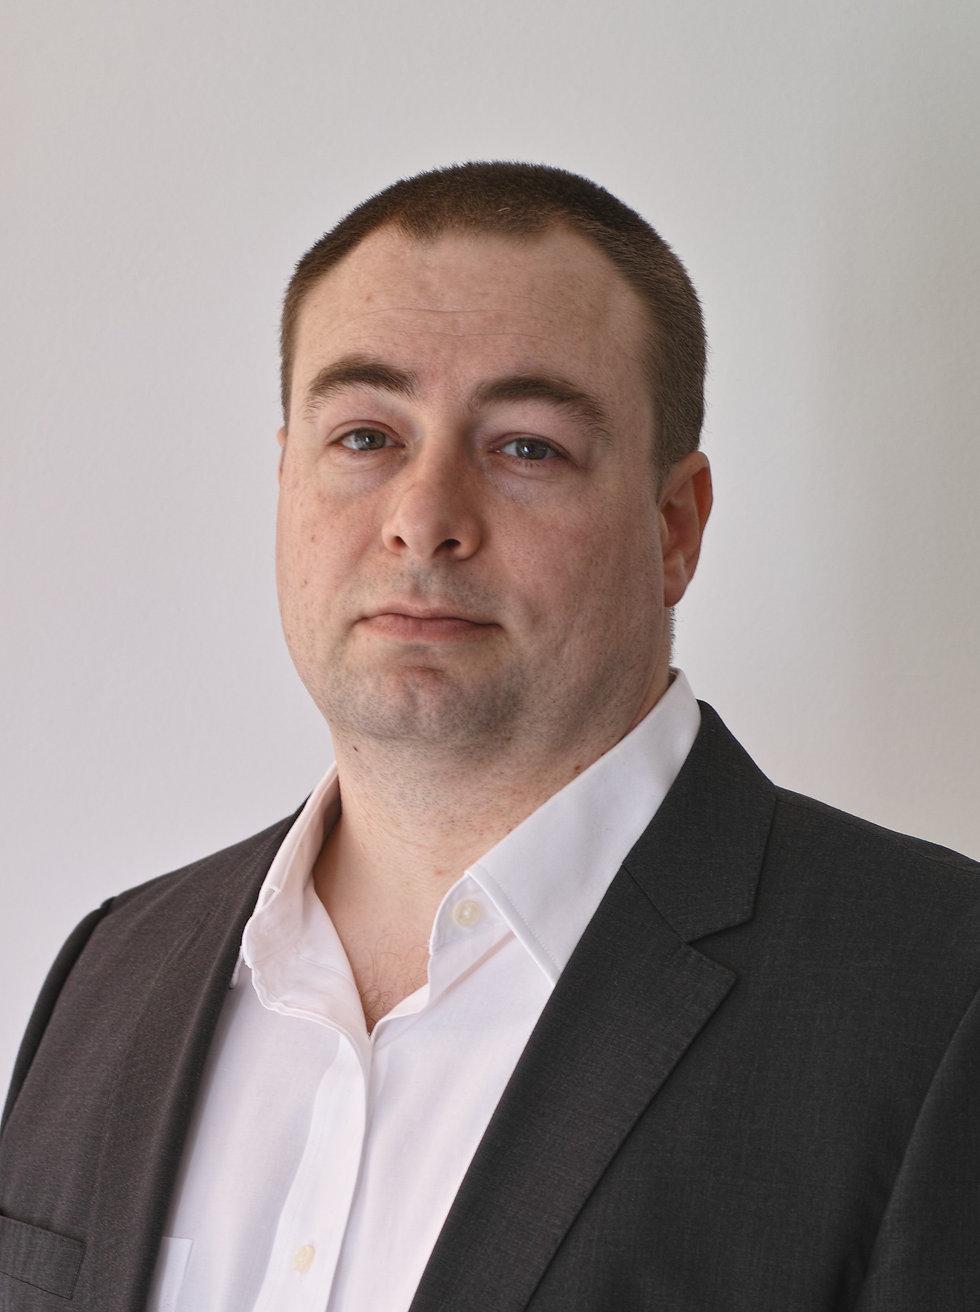 Ivaylo Avramov